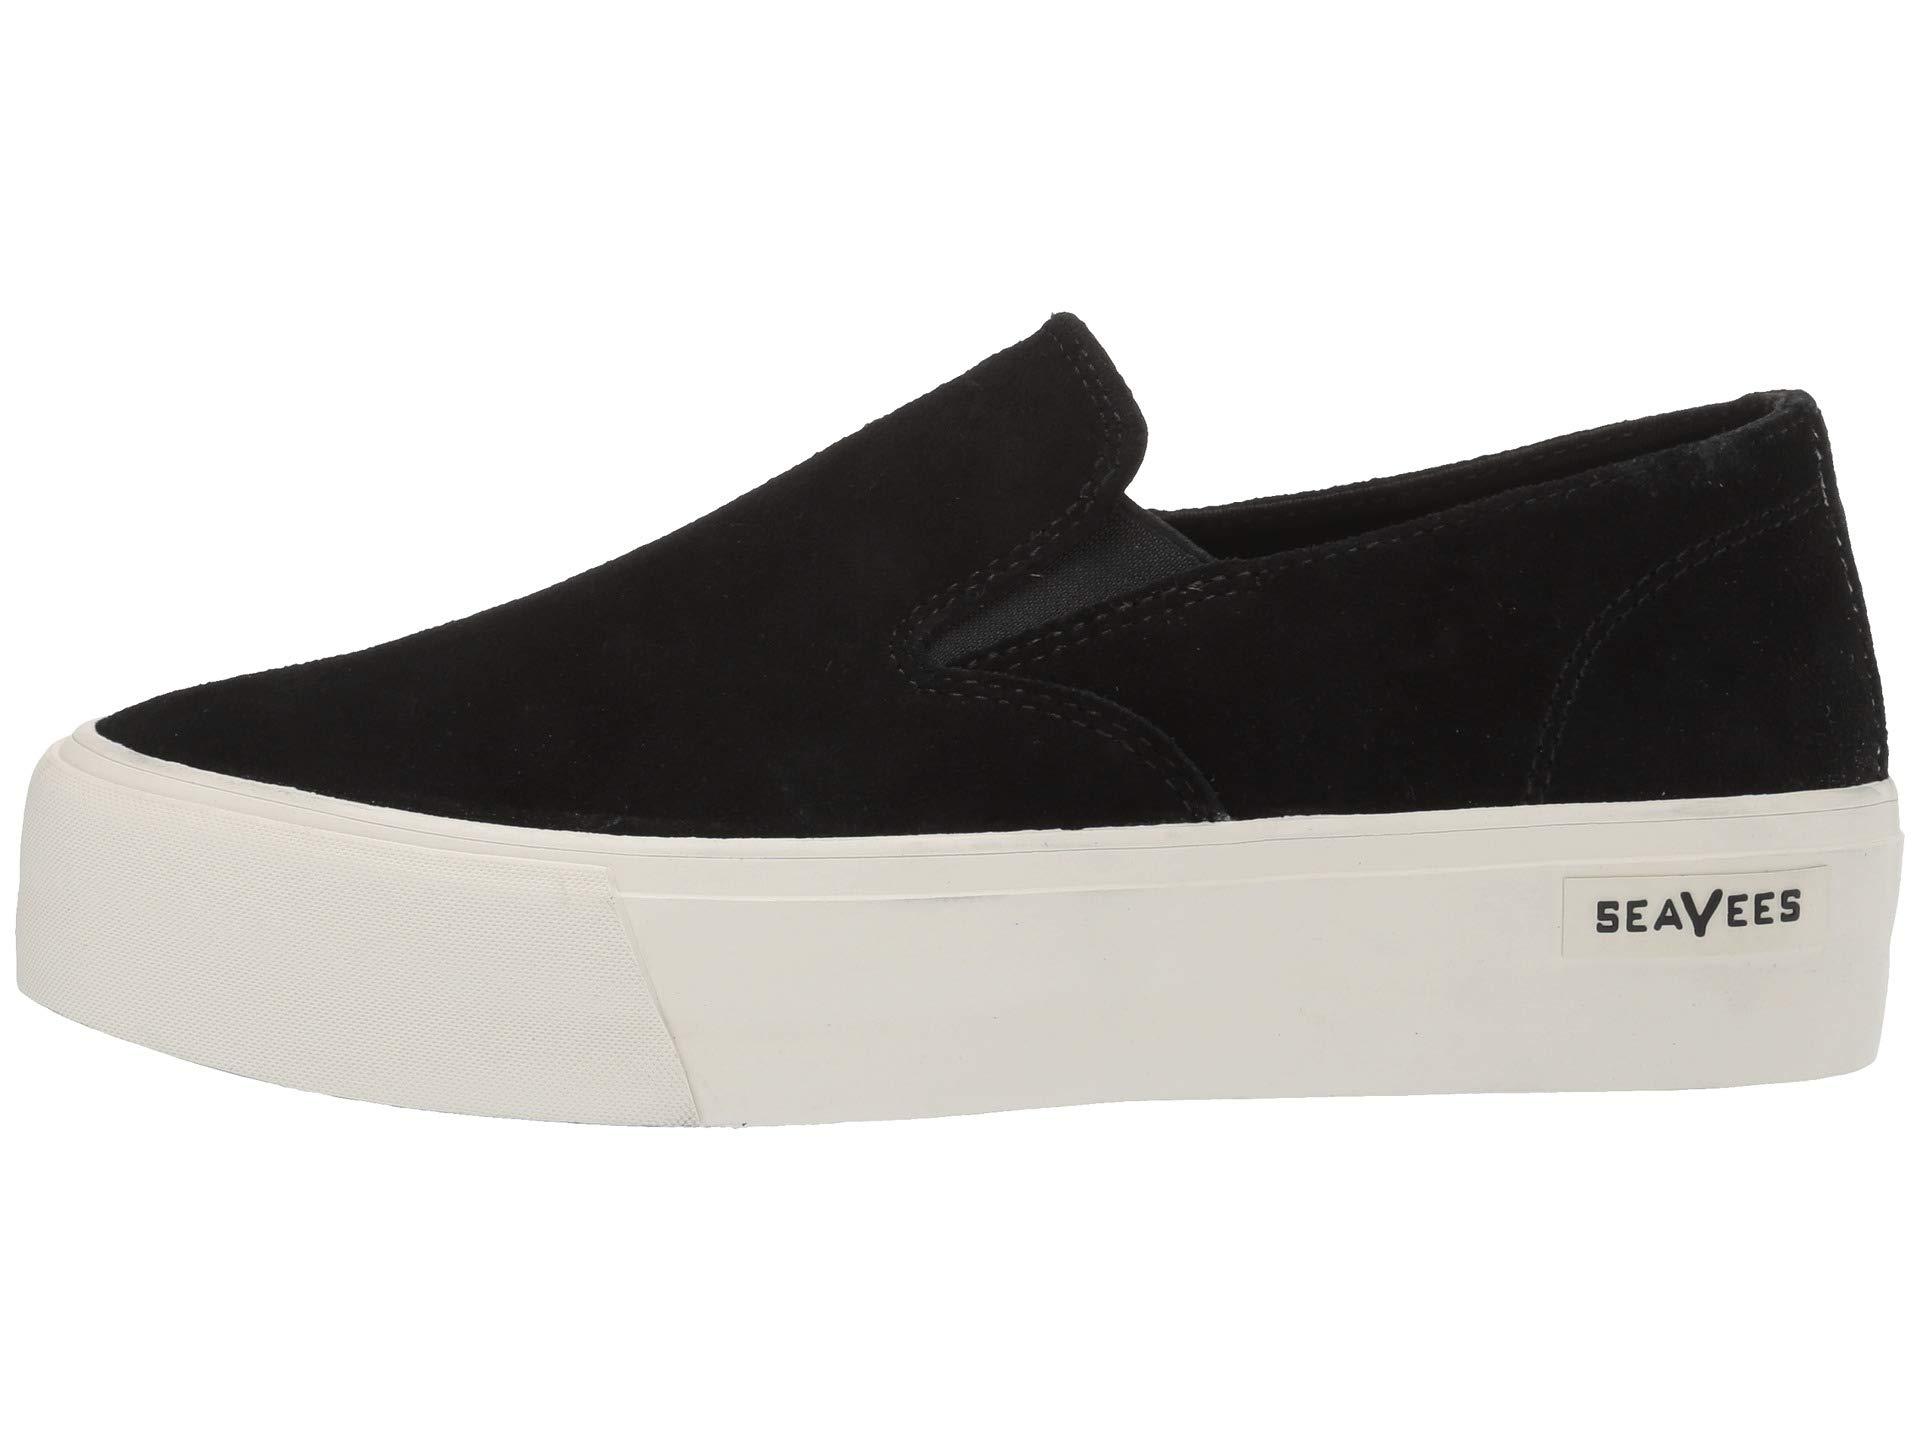 Slip Seavees Baja Platform Black on Tq8qw57